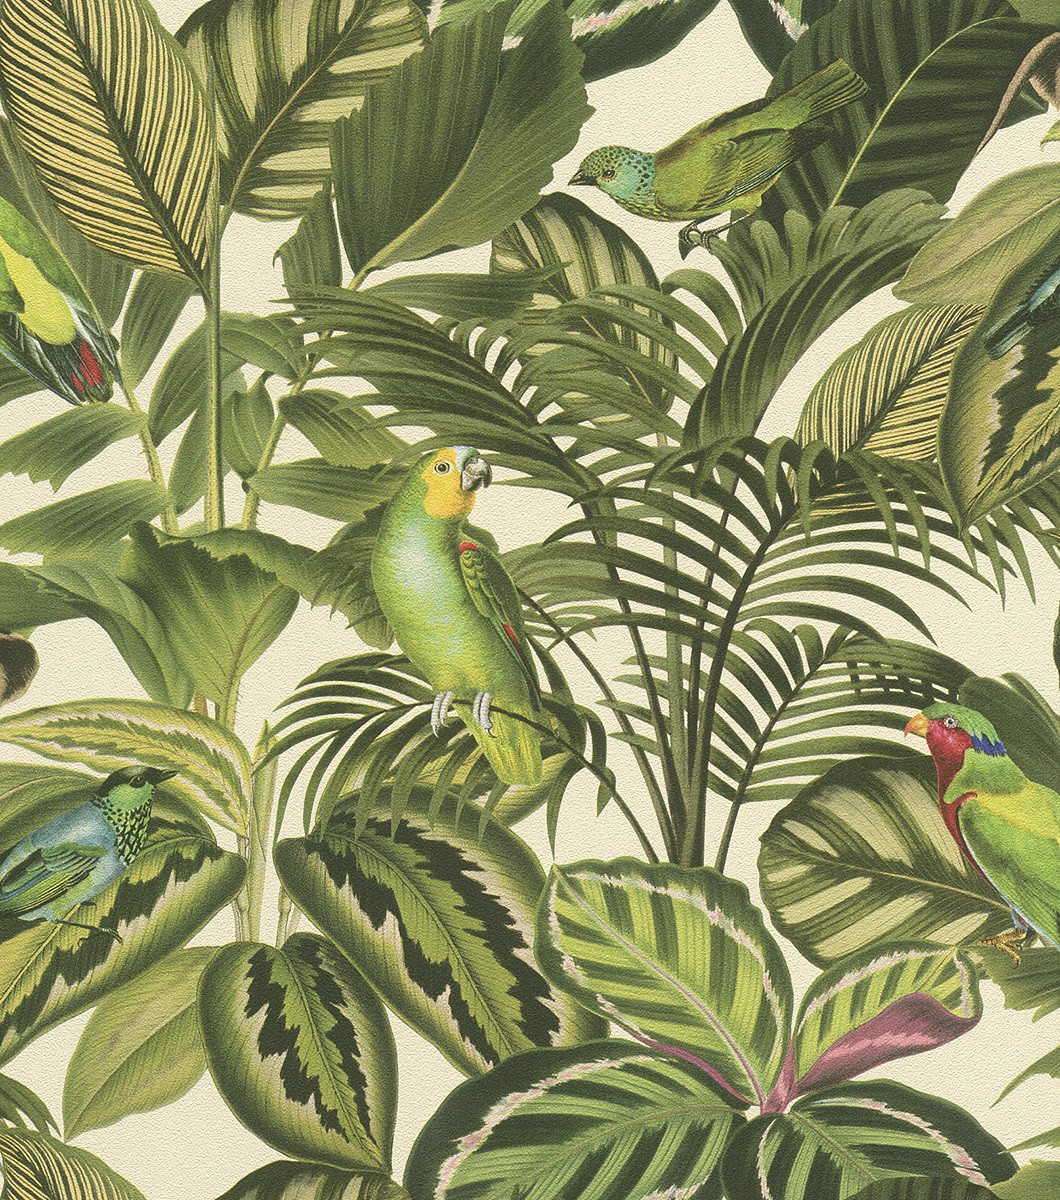 Ταπετσαρία τοίχου Rasch Freundin Home Collection II 439533 Τροπικά φύλλα με εξωτικά πουλιά 10,05x0,53